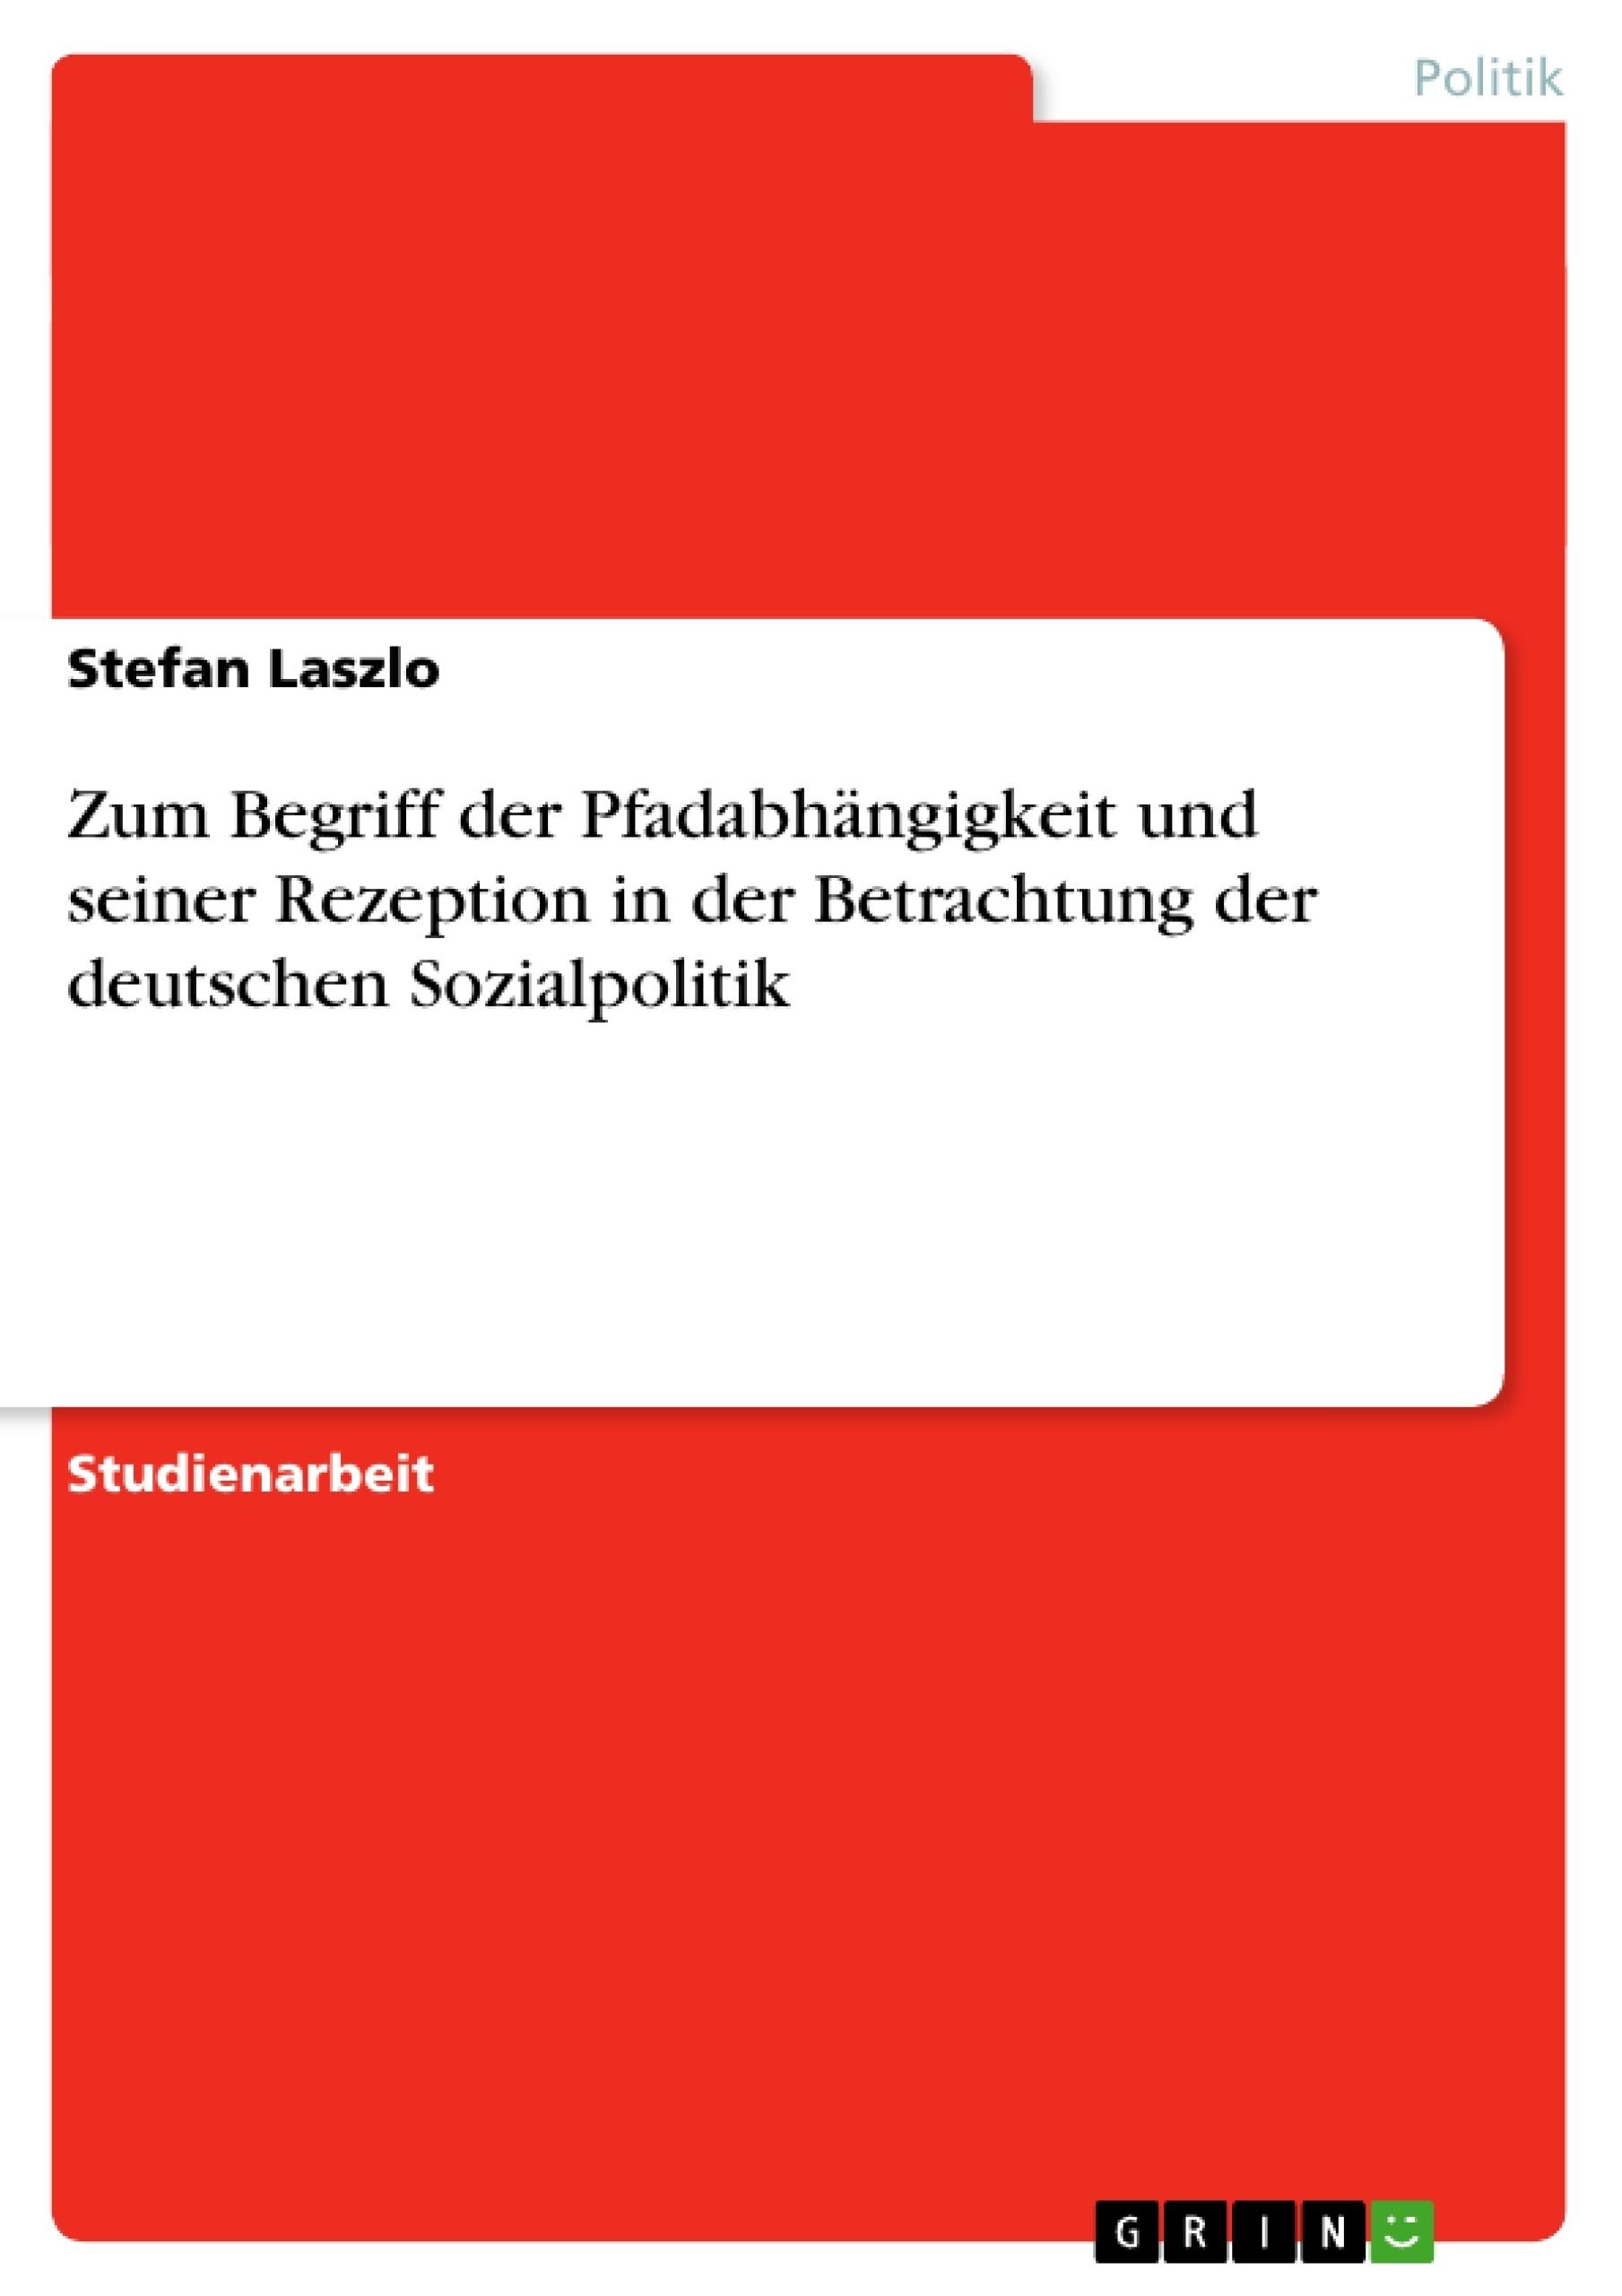 Titel: Zum Begriff der Pfadabhängigkeit und seiner Rezeption in der Betrachtung der deutschen Sozialpolitik